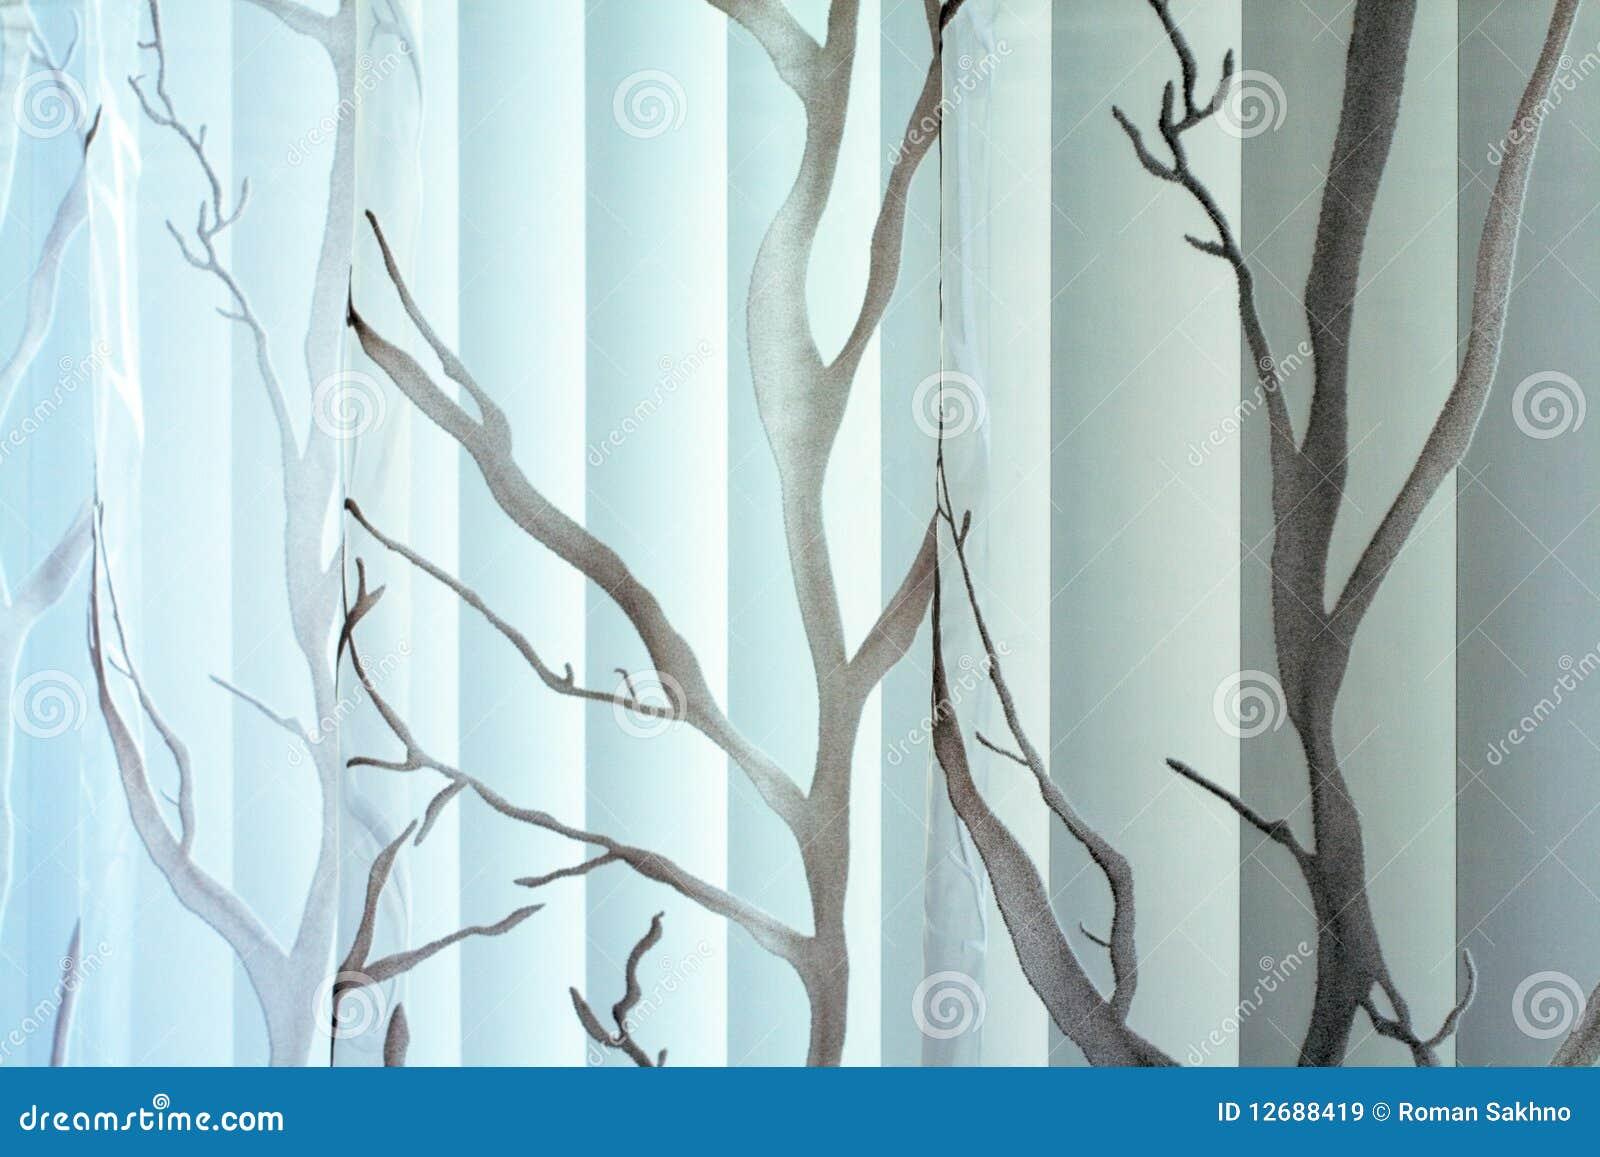 Textura da cortina e do jalousie vertical